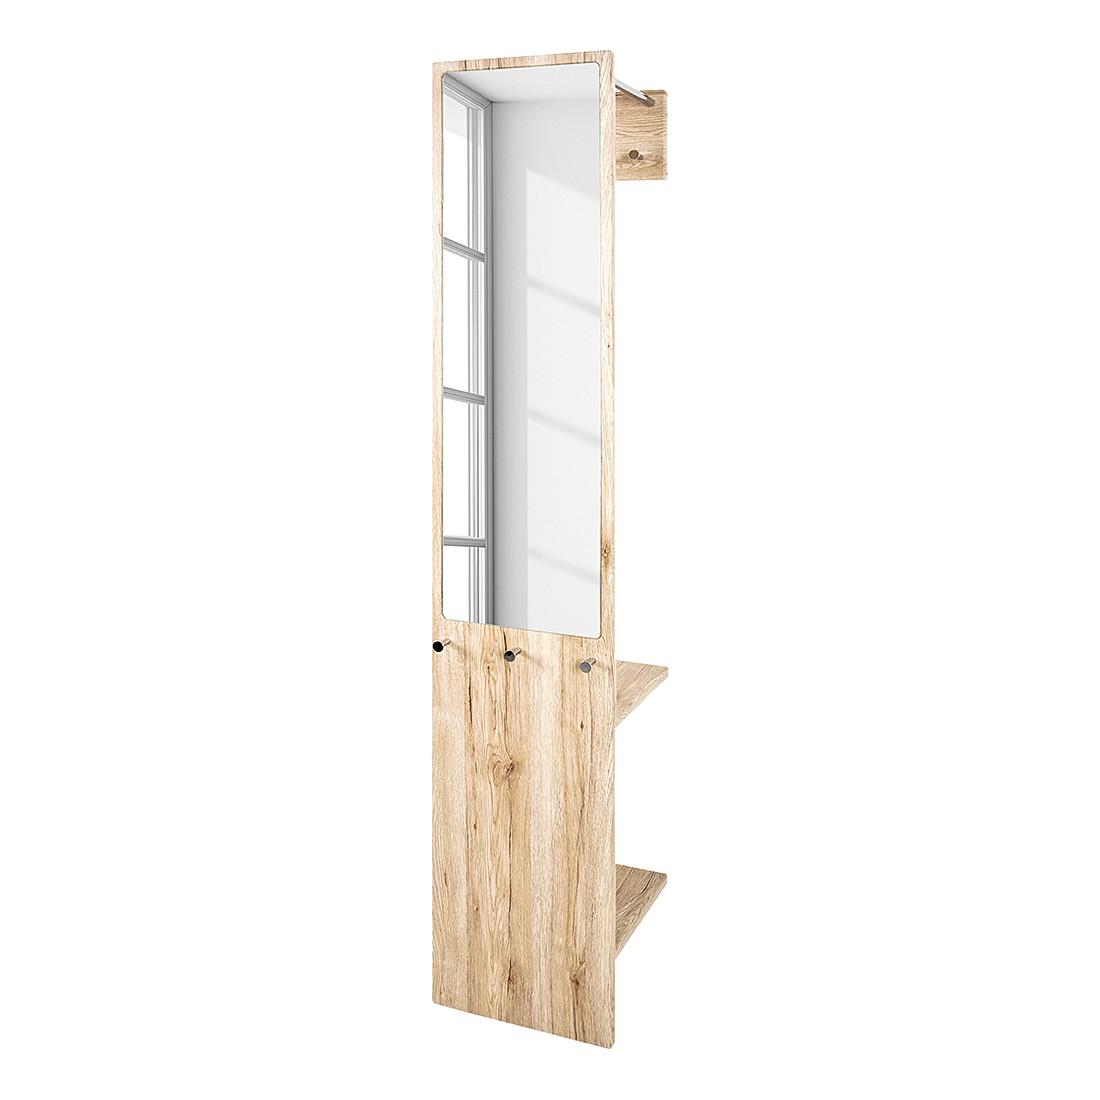 Wandgarderobe Armando - San Remo eikenhouten look, Home Design